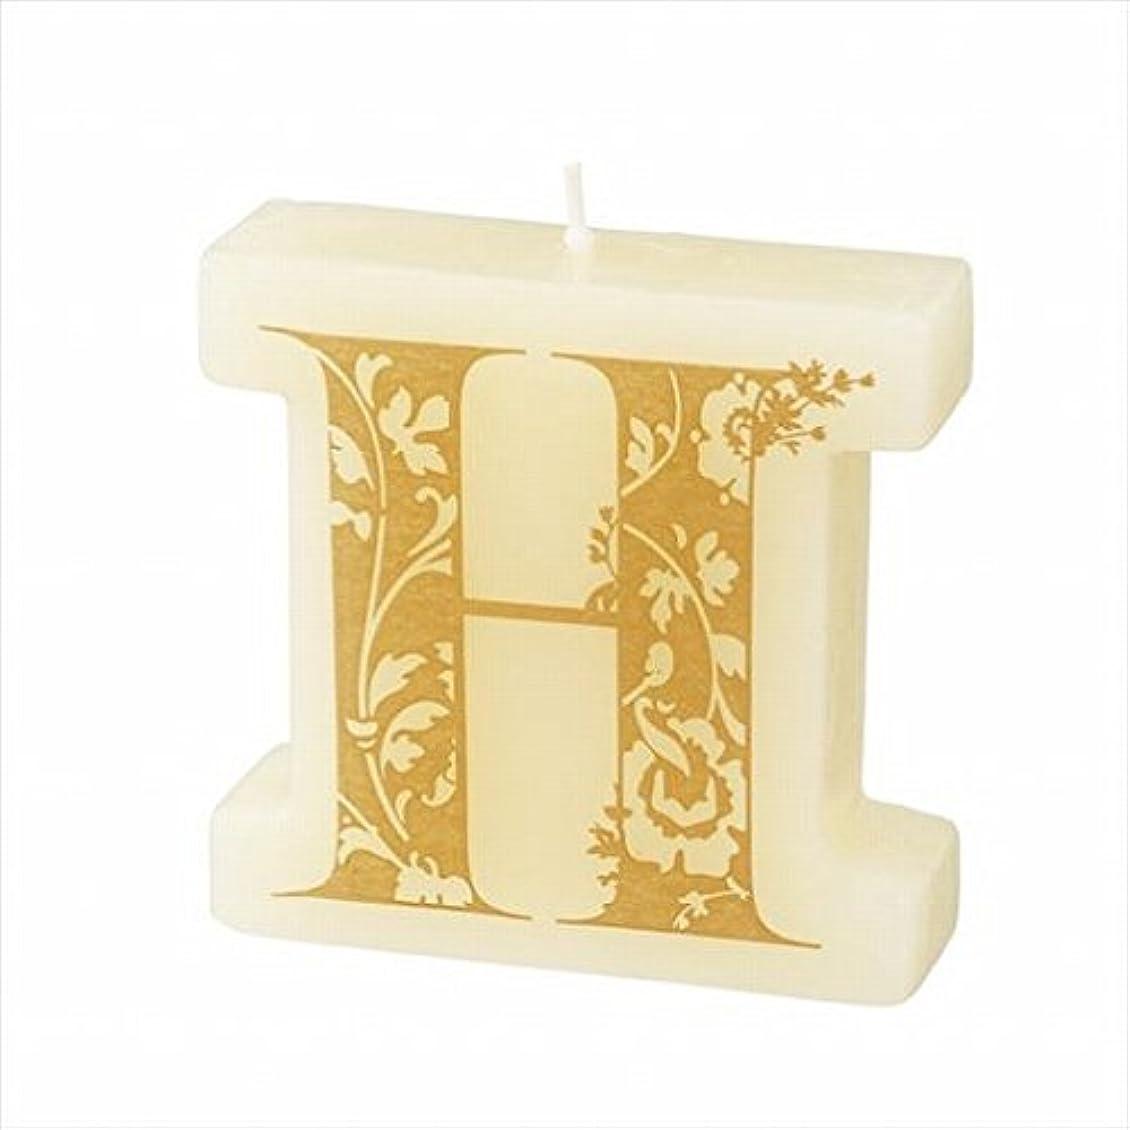 バラエティ誓い狭いカメヤマキャンドル(kameyama candle) イニシャルキャンドル 「 H 」